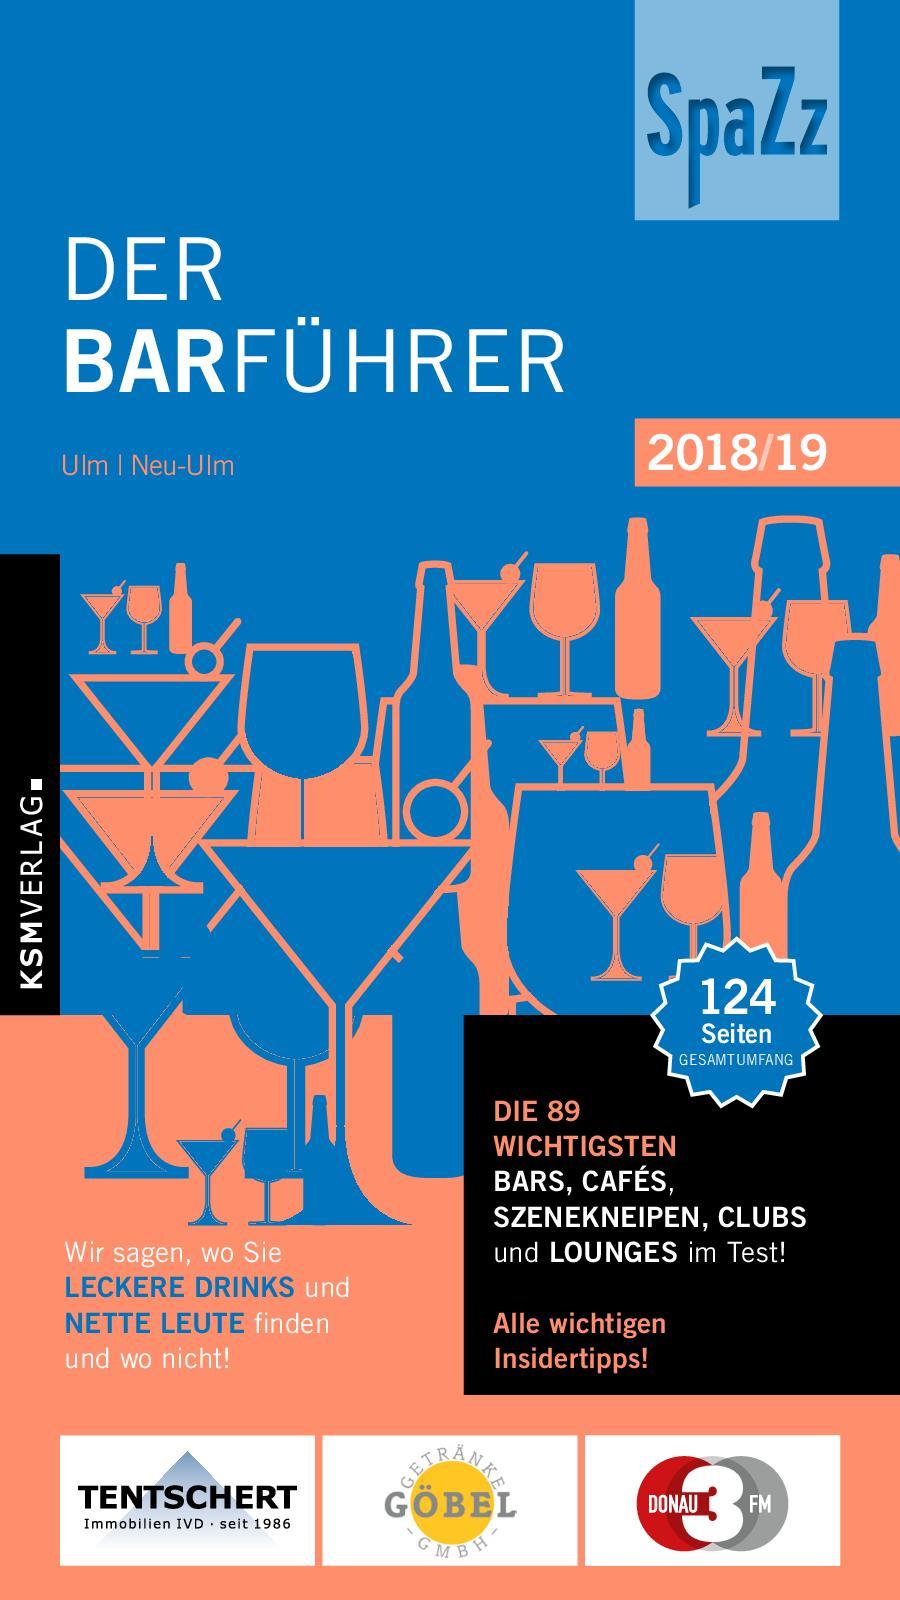 Calaméo - Der Barführer Ulm/Neu-Ulm 2018/19